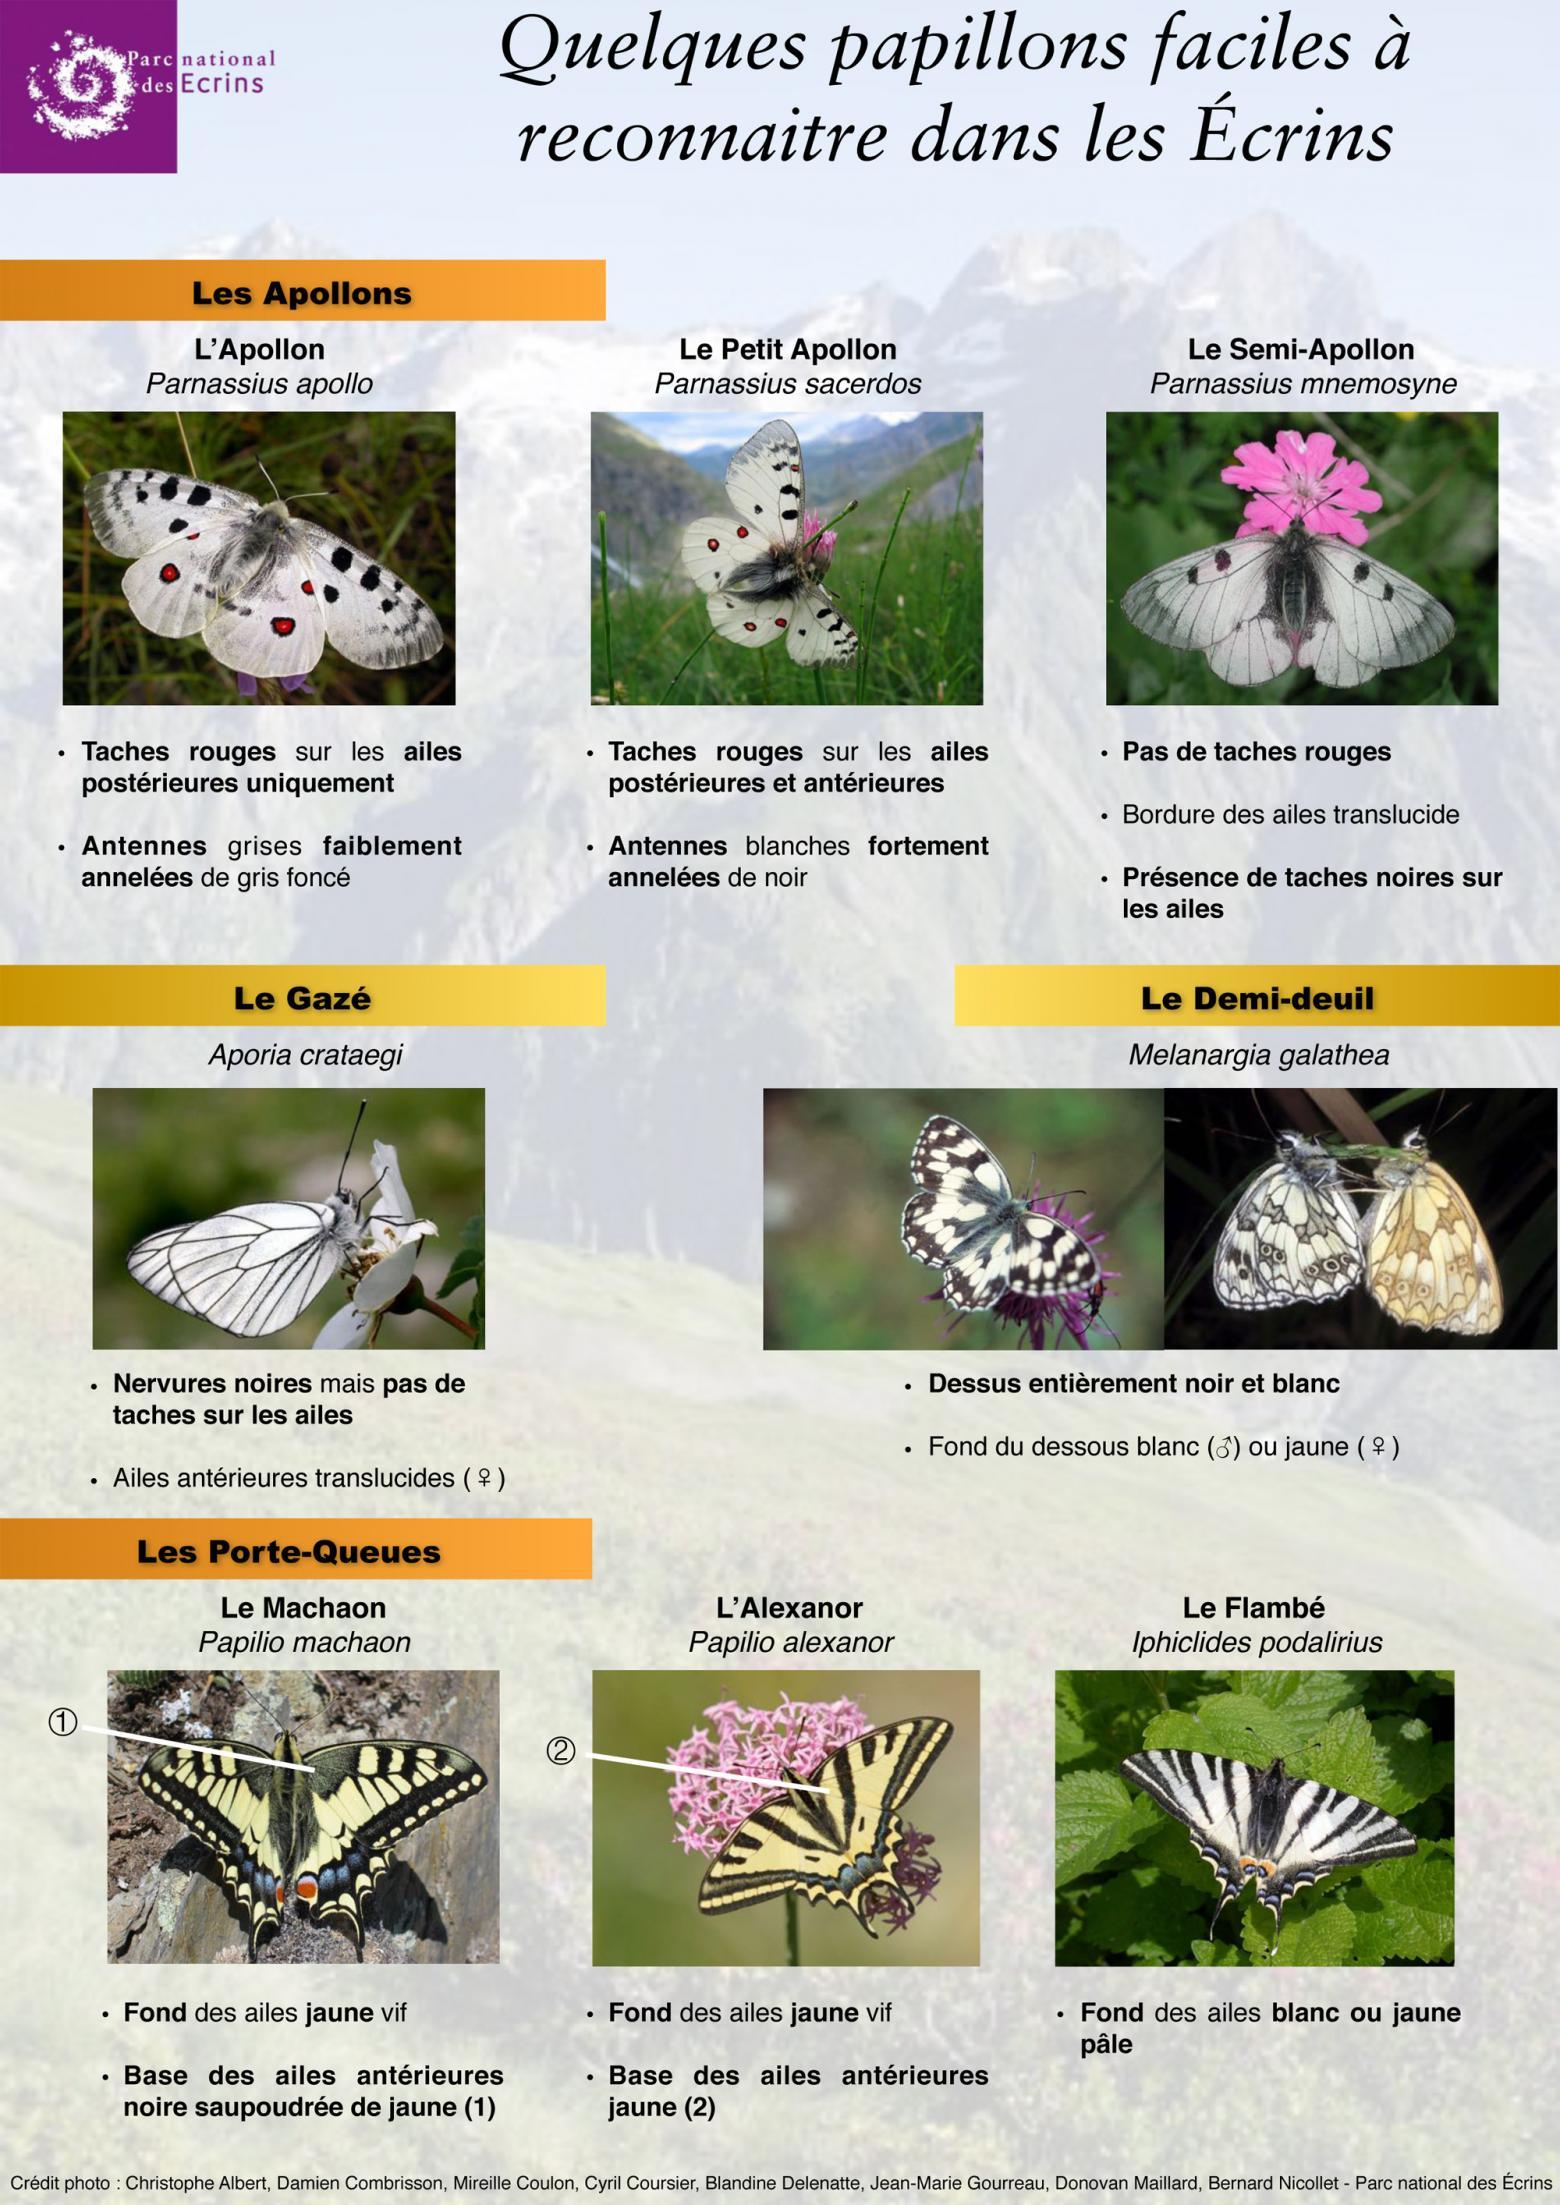 16 papillons des Ecrins - © Parc national des Ecrins - Donovan Maillard